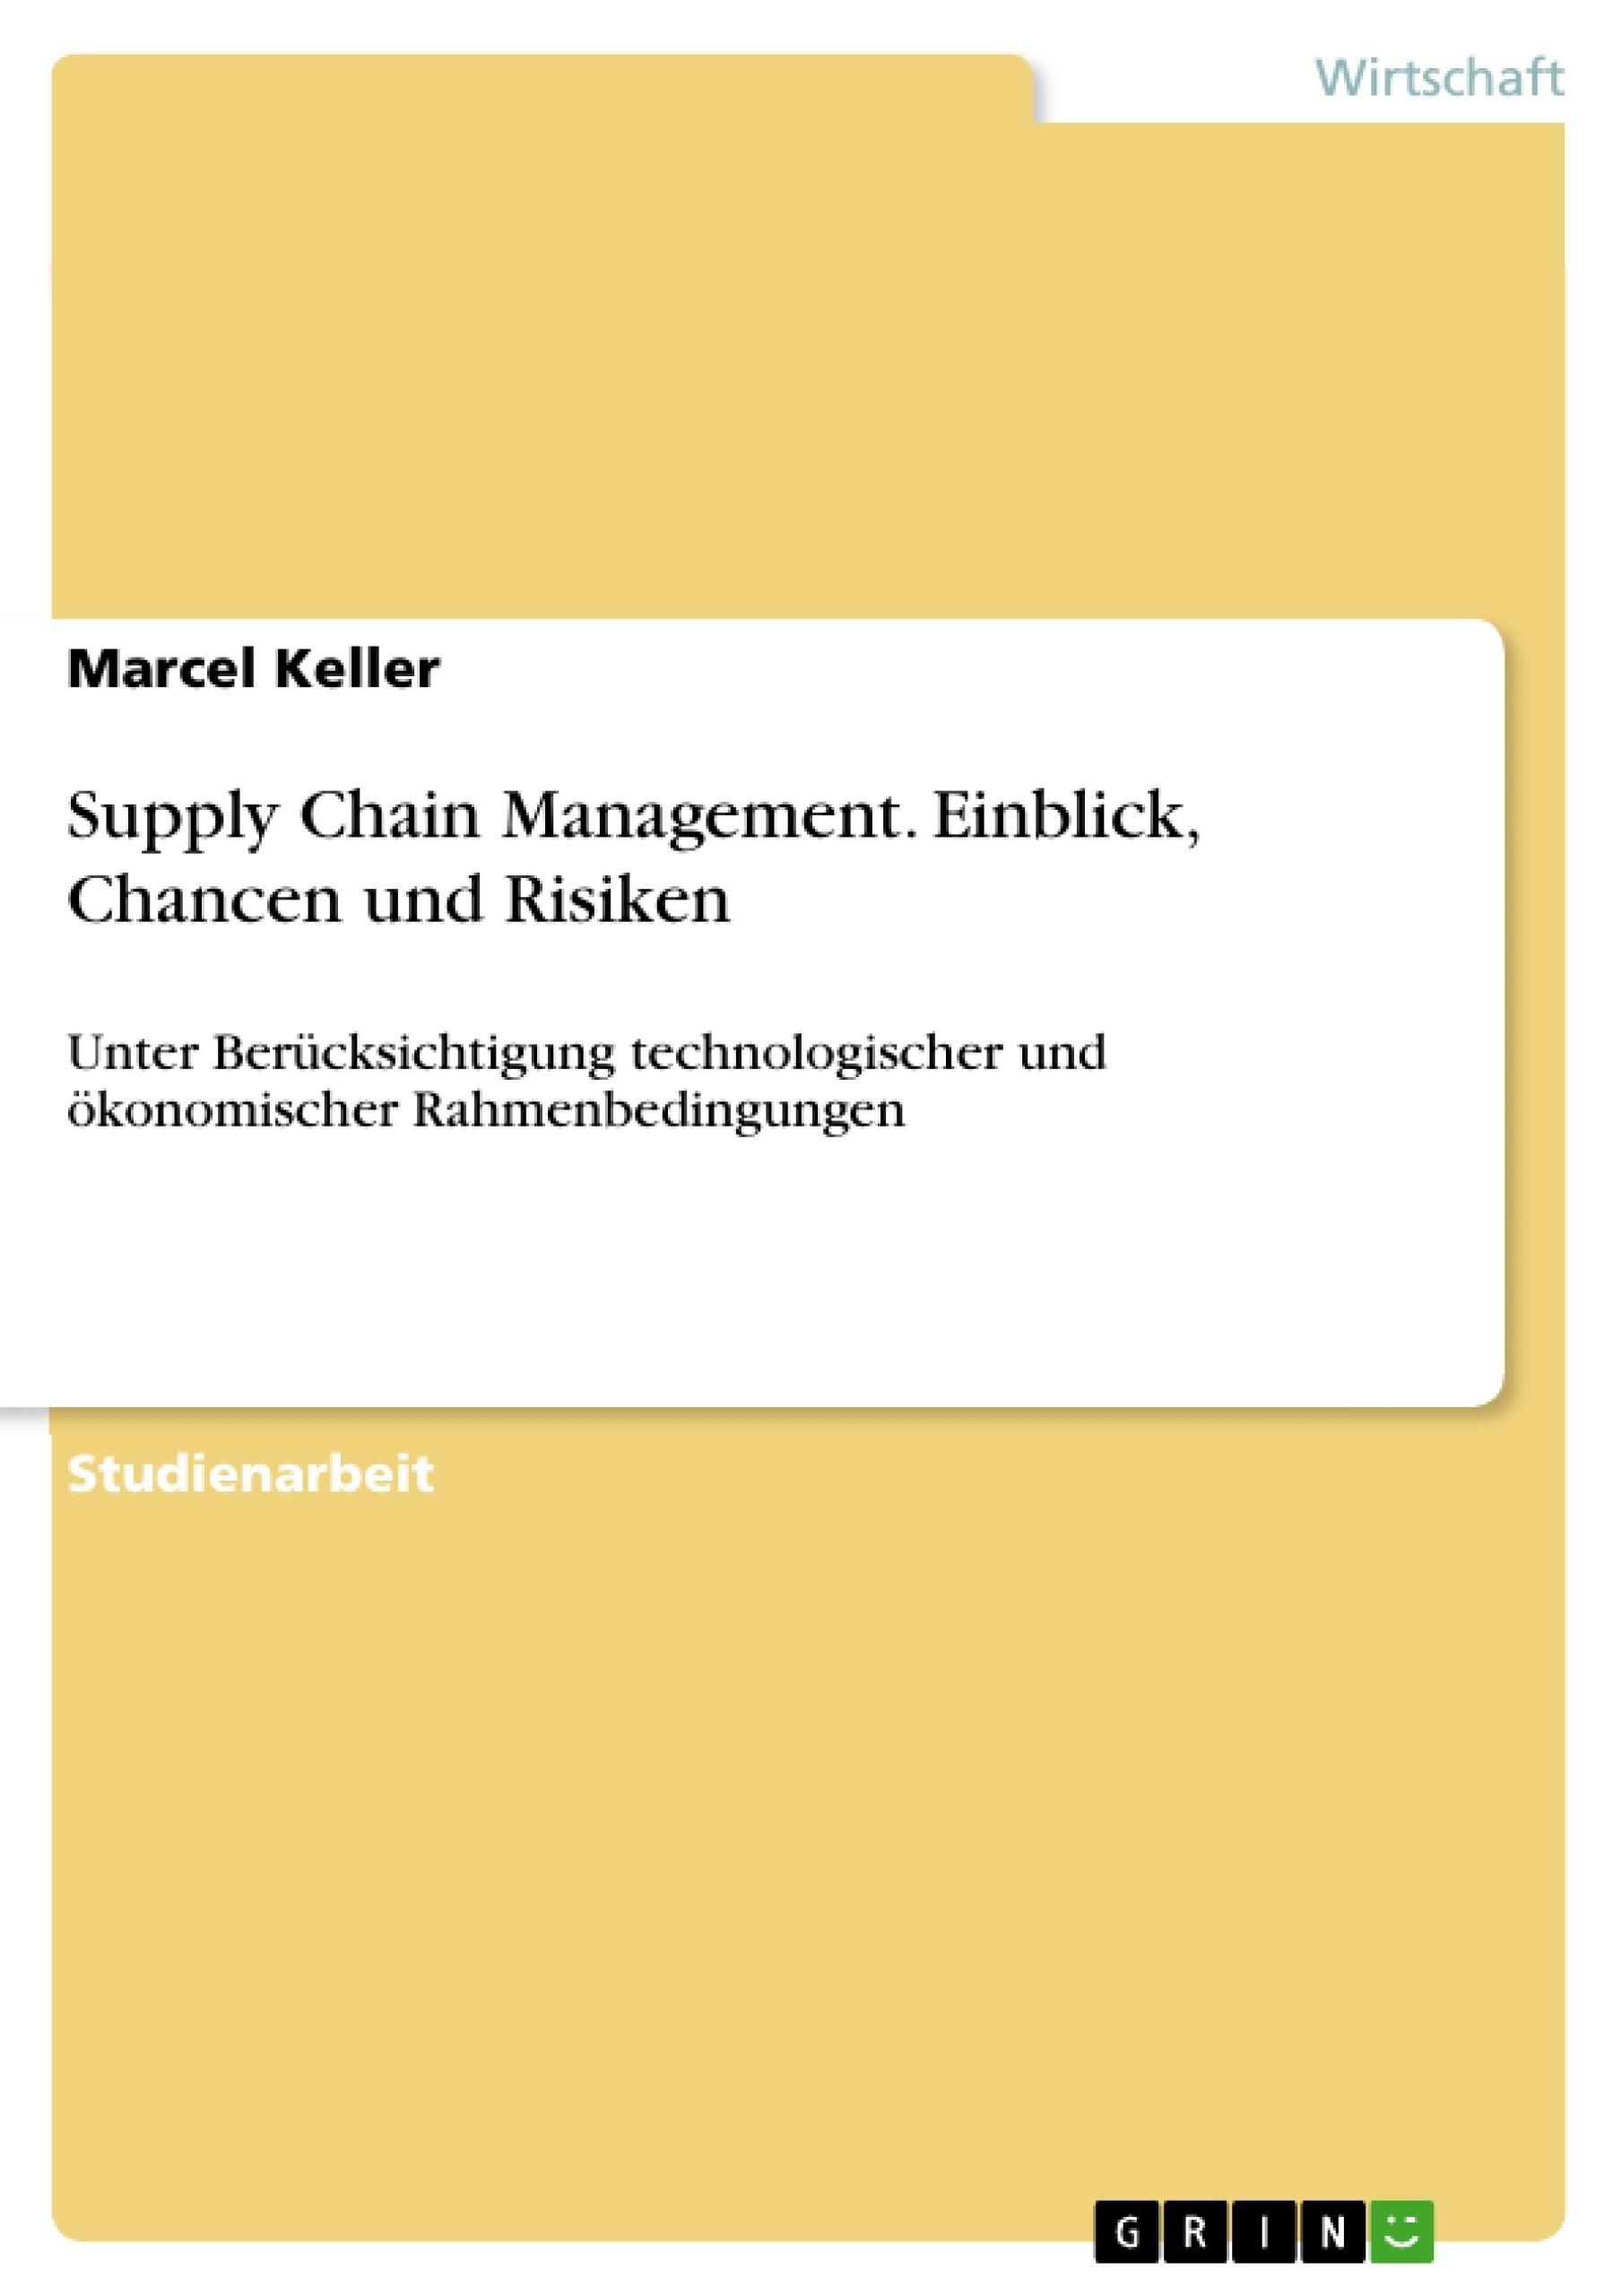 Titel: Supply Chain Management. Einblick, Chancen und Risiken